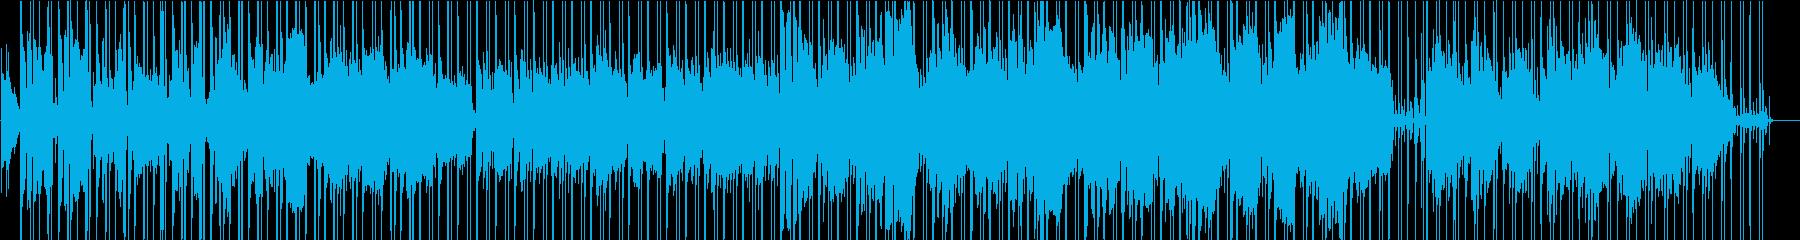 qの再生済みの波形